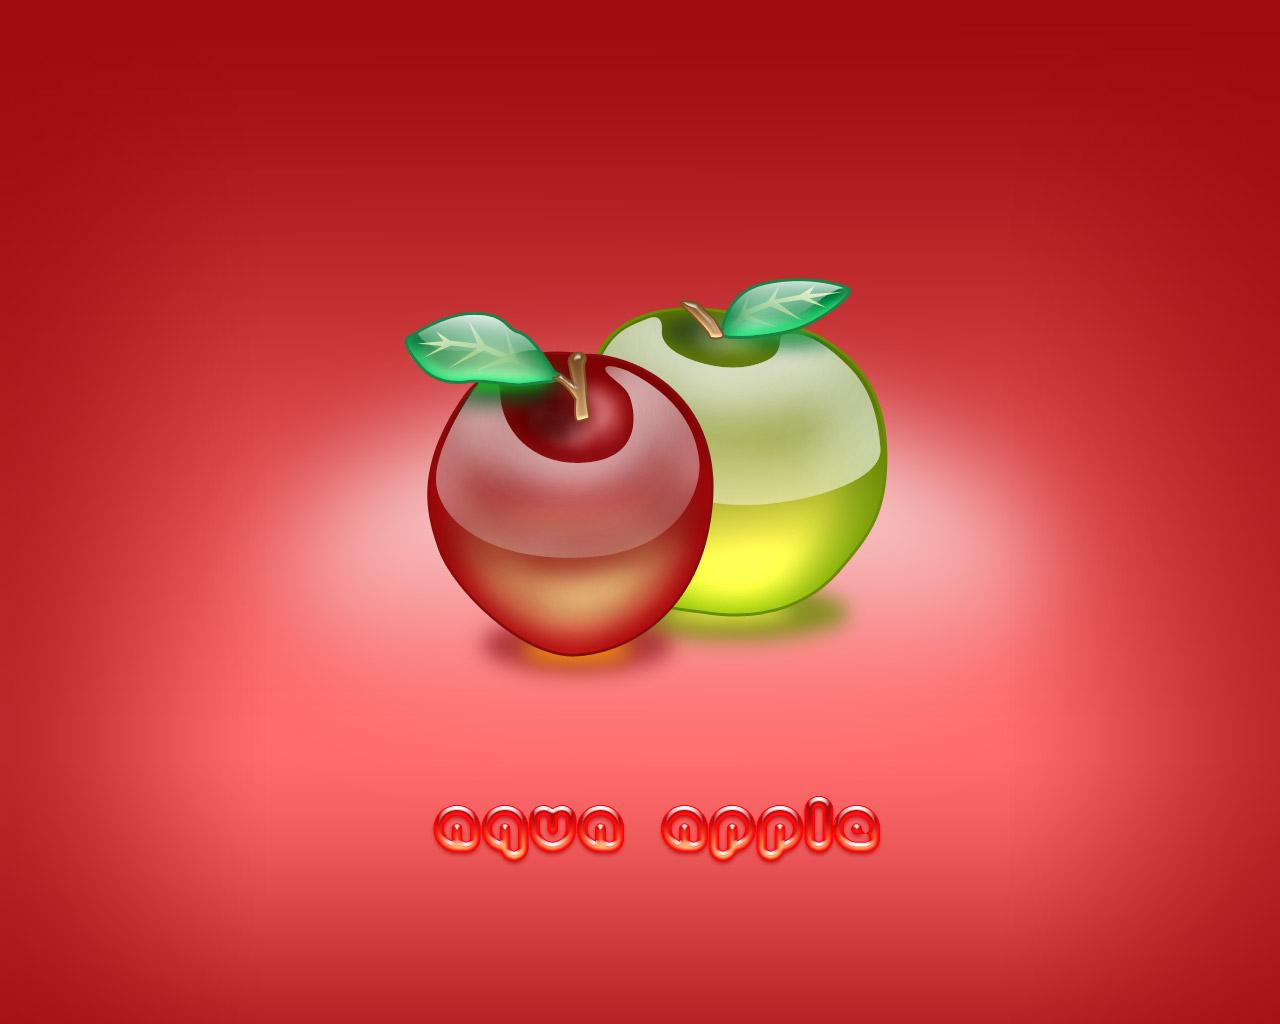 http://3.bp.blogspot.com/_PFHsbKpt1A4/TKhjMlLbdUI/AAAAAAAAAHc/v3JWwd2JO-s/s1600/Aqua+Apple+01.jpg